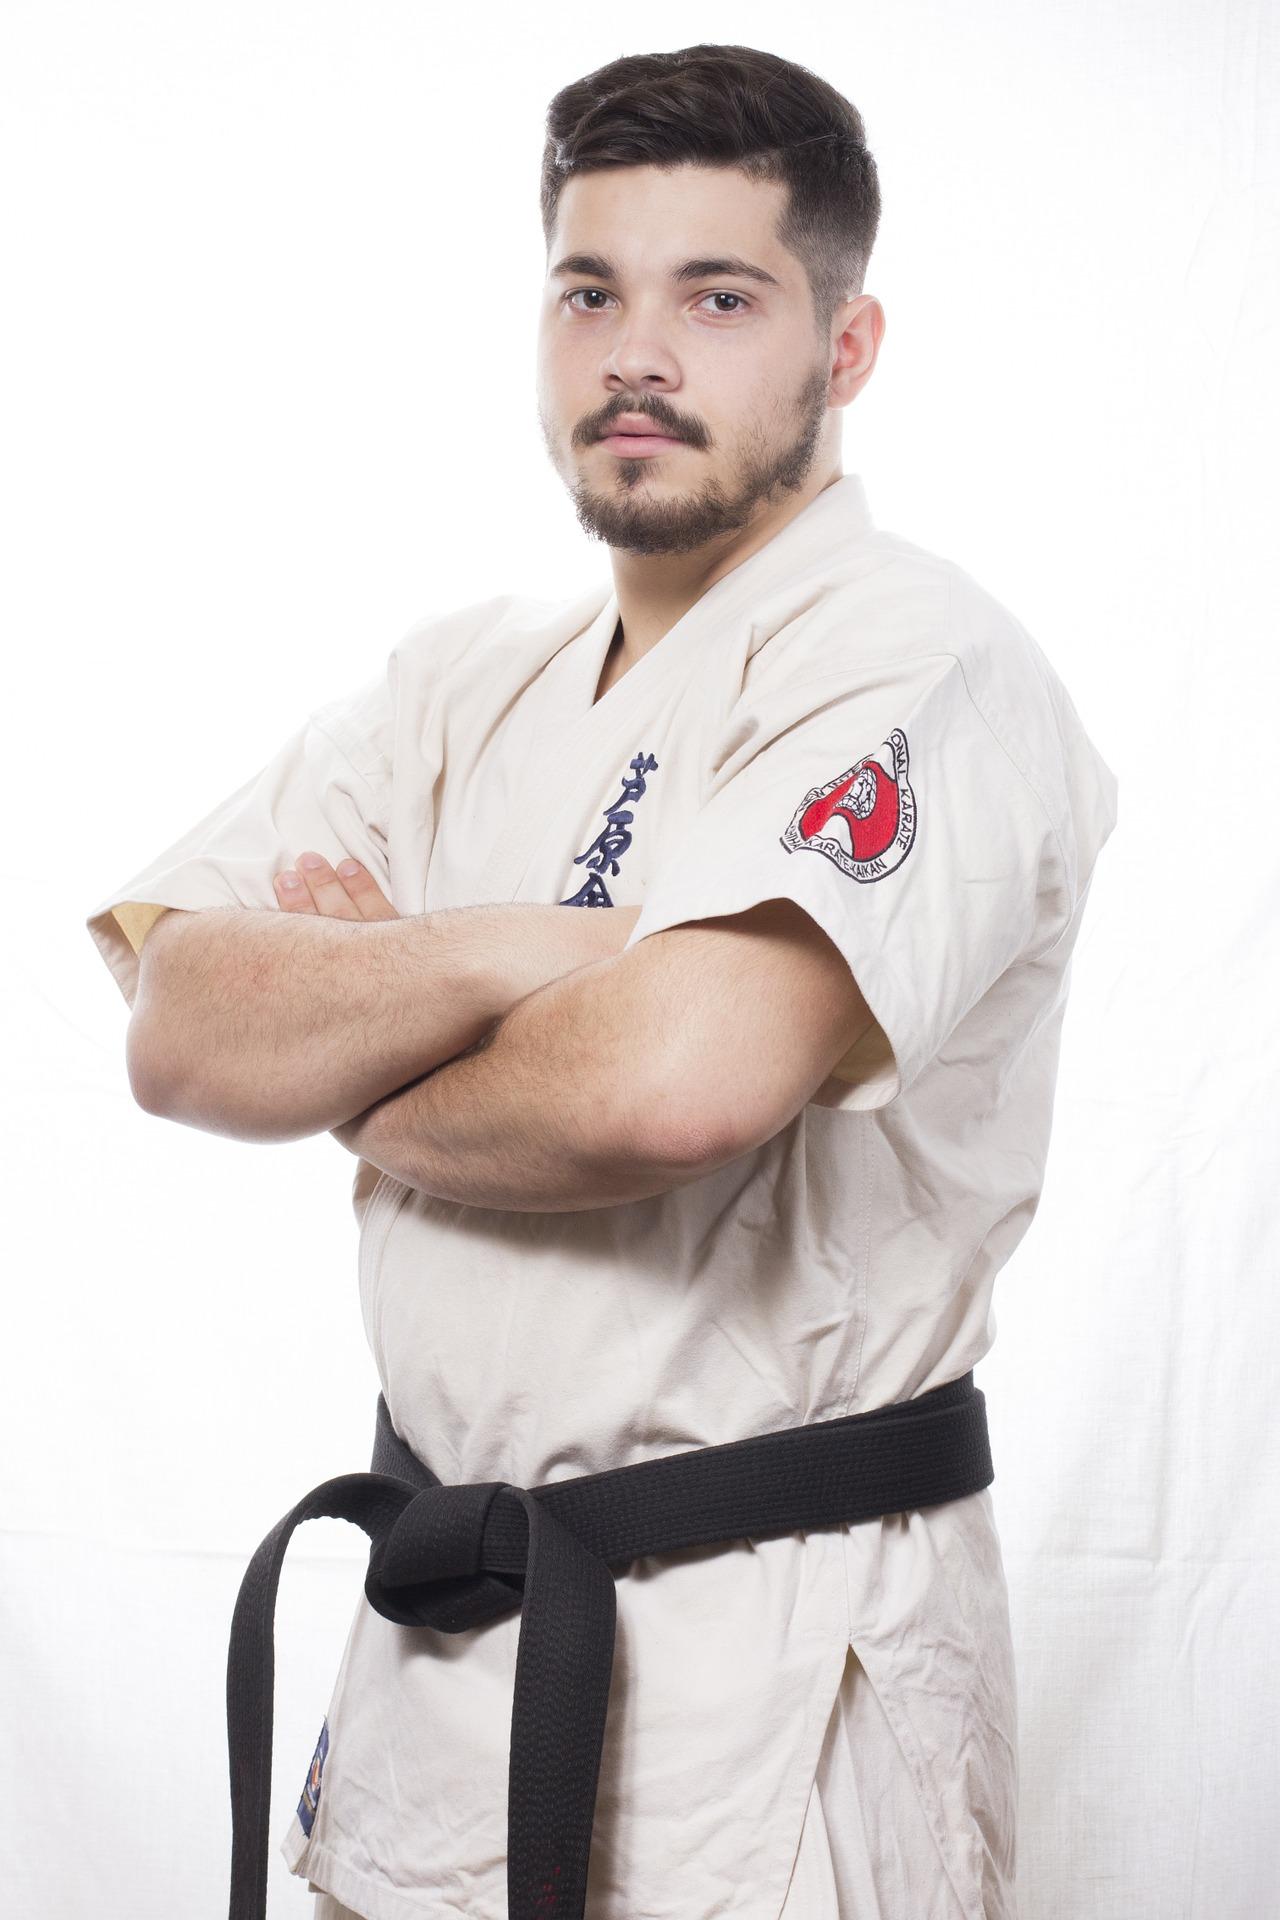 Pourquoi initier les enfants aux arts martiaux?